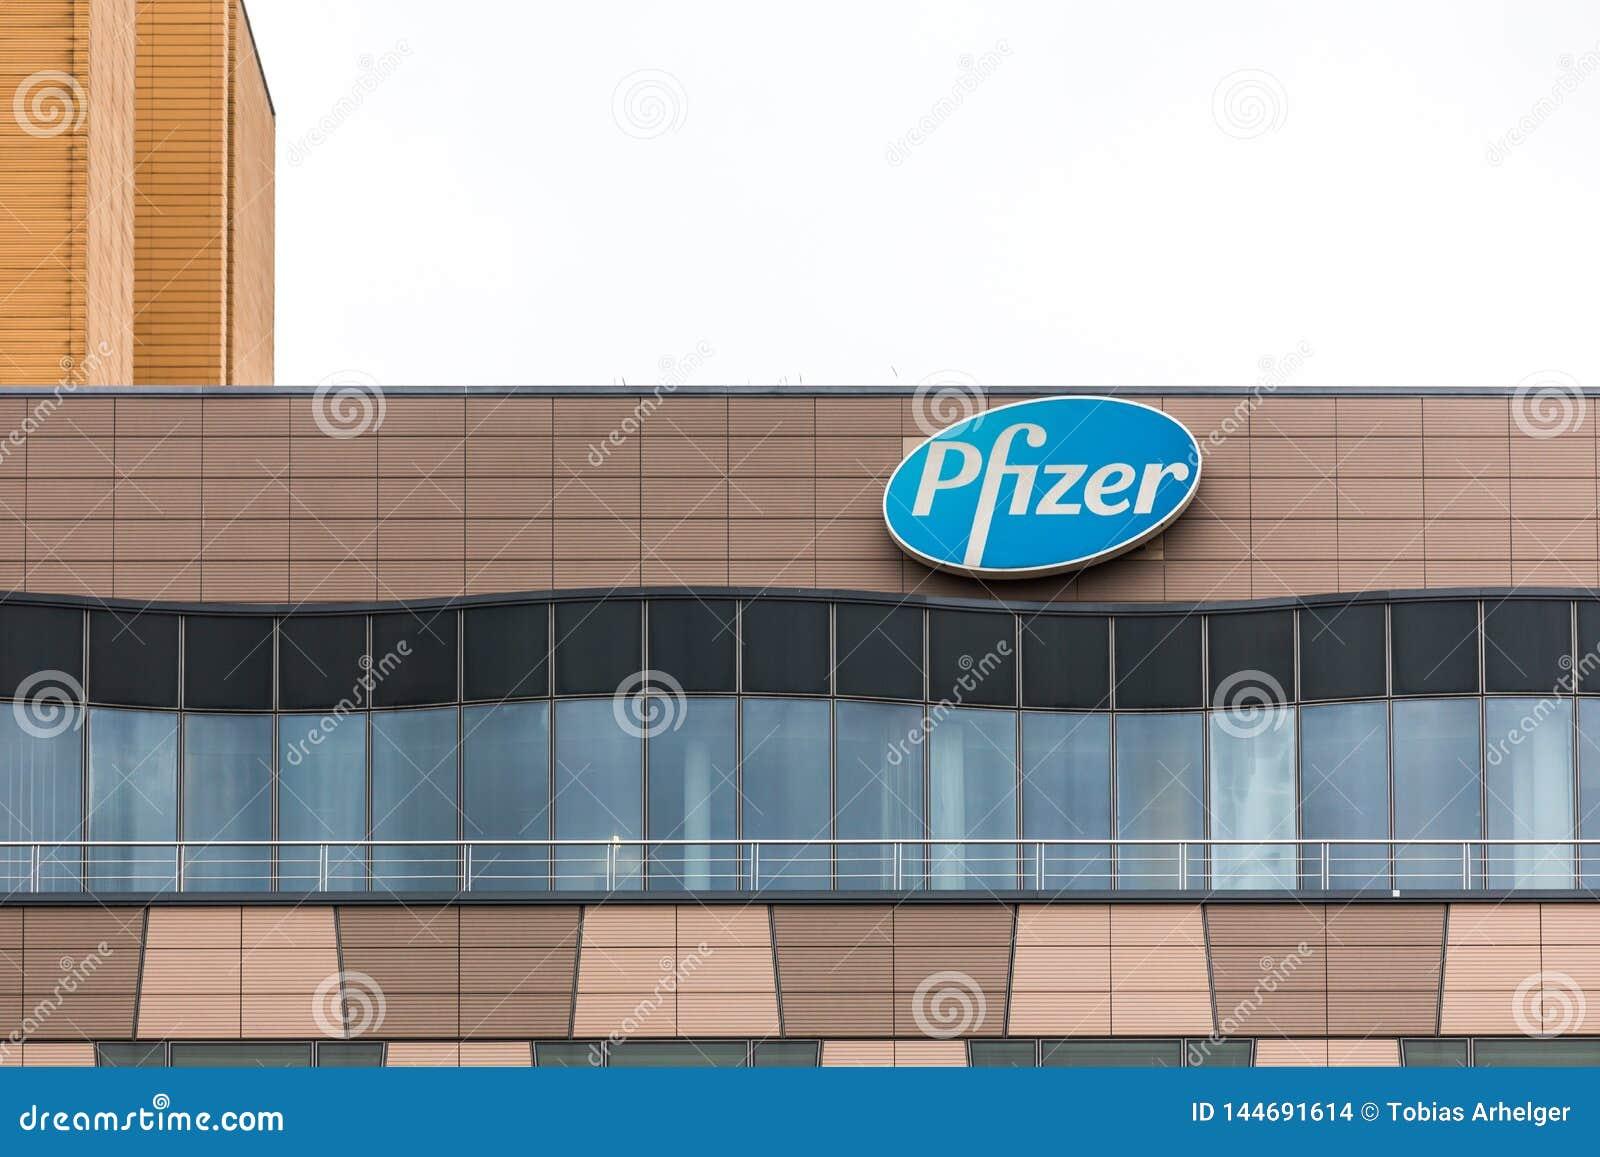 柏林,布兰登堡/德国- 24 12 18:辉瑞制药有限公司签到柏林德国